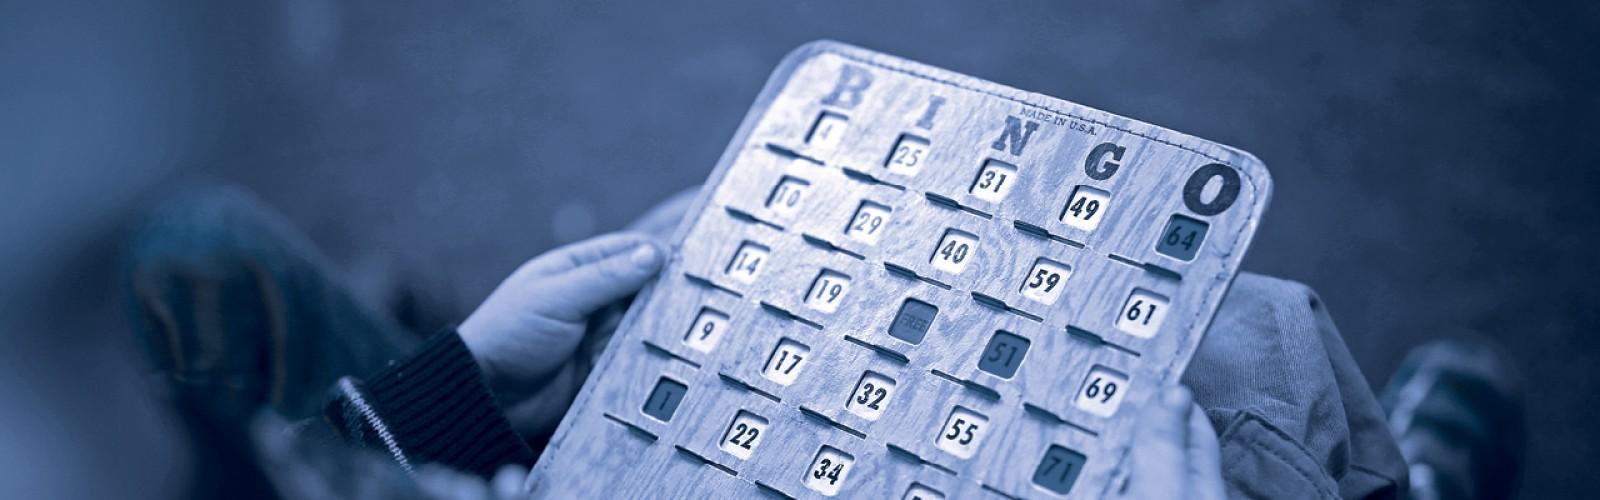 Socio Cultural Gaming - Bingo  Licences